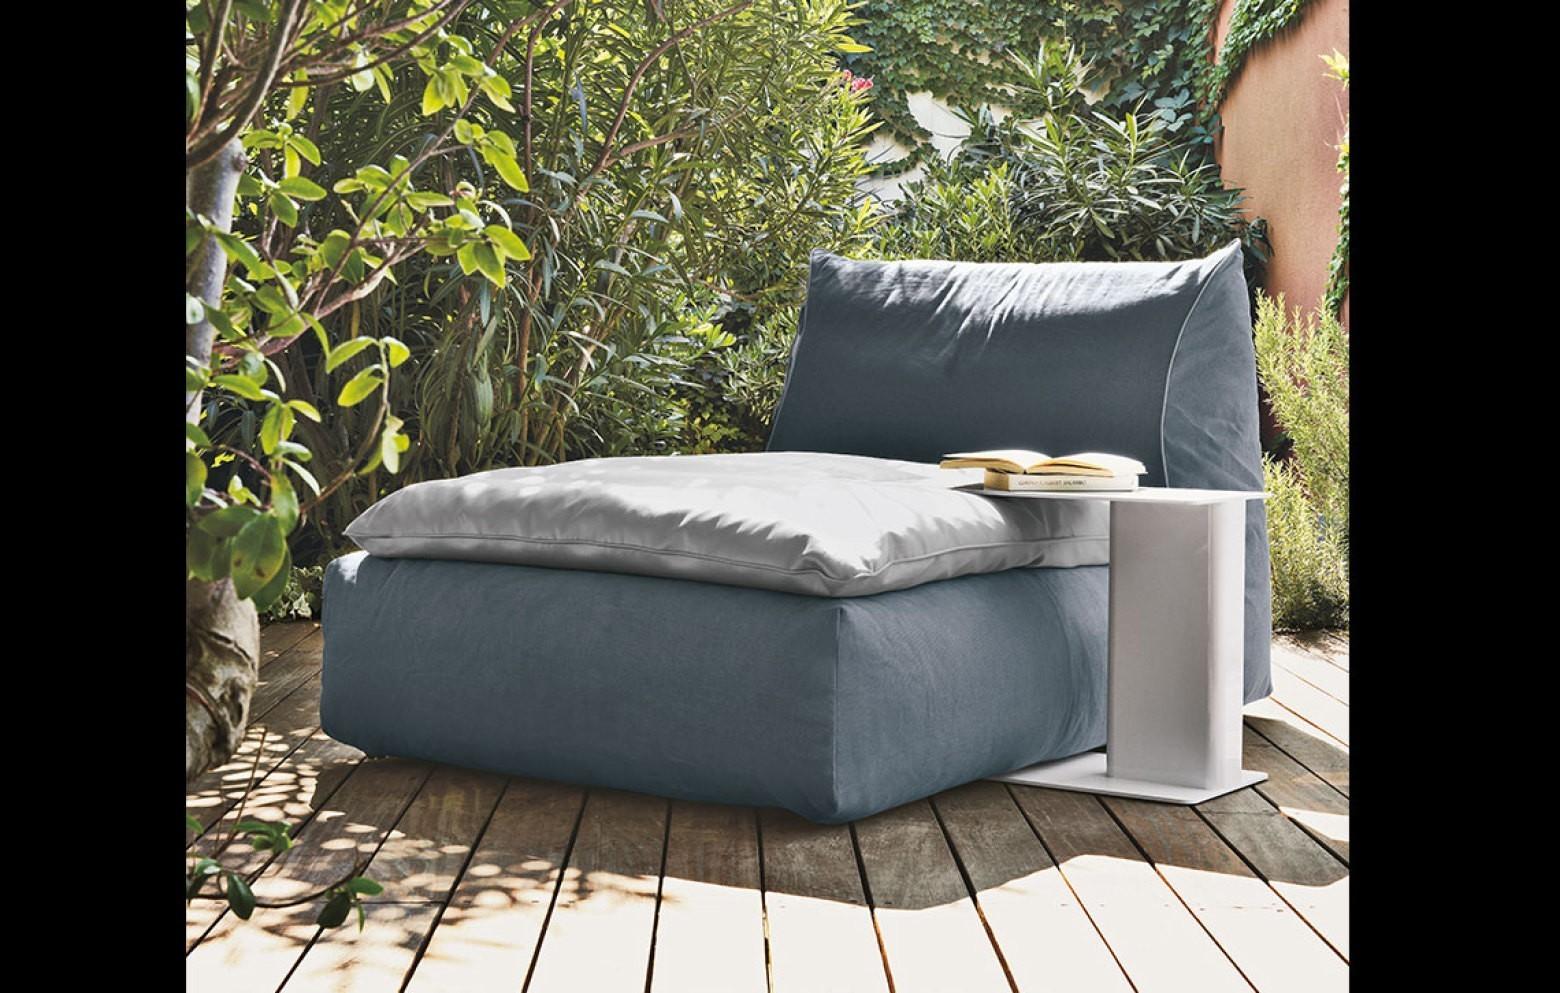 bilder von servietten mit bestecktasche sessel hamburg. Black Bedroom Furniture Sets. Home Design Ideas